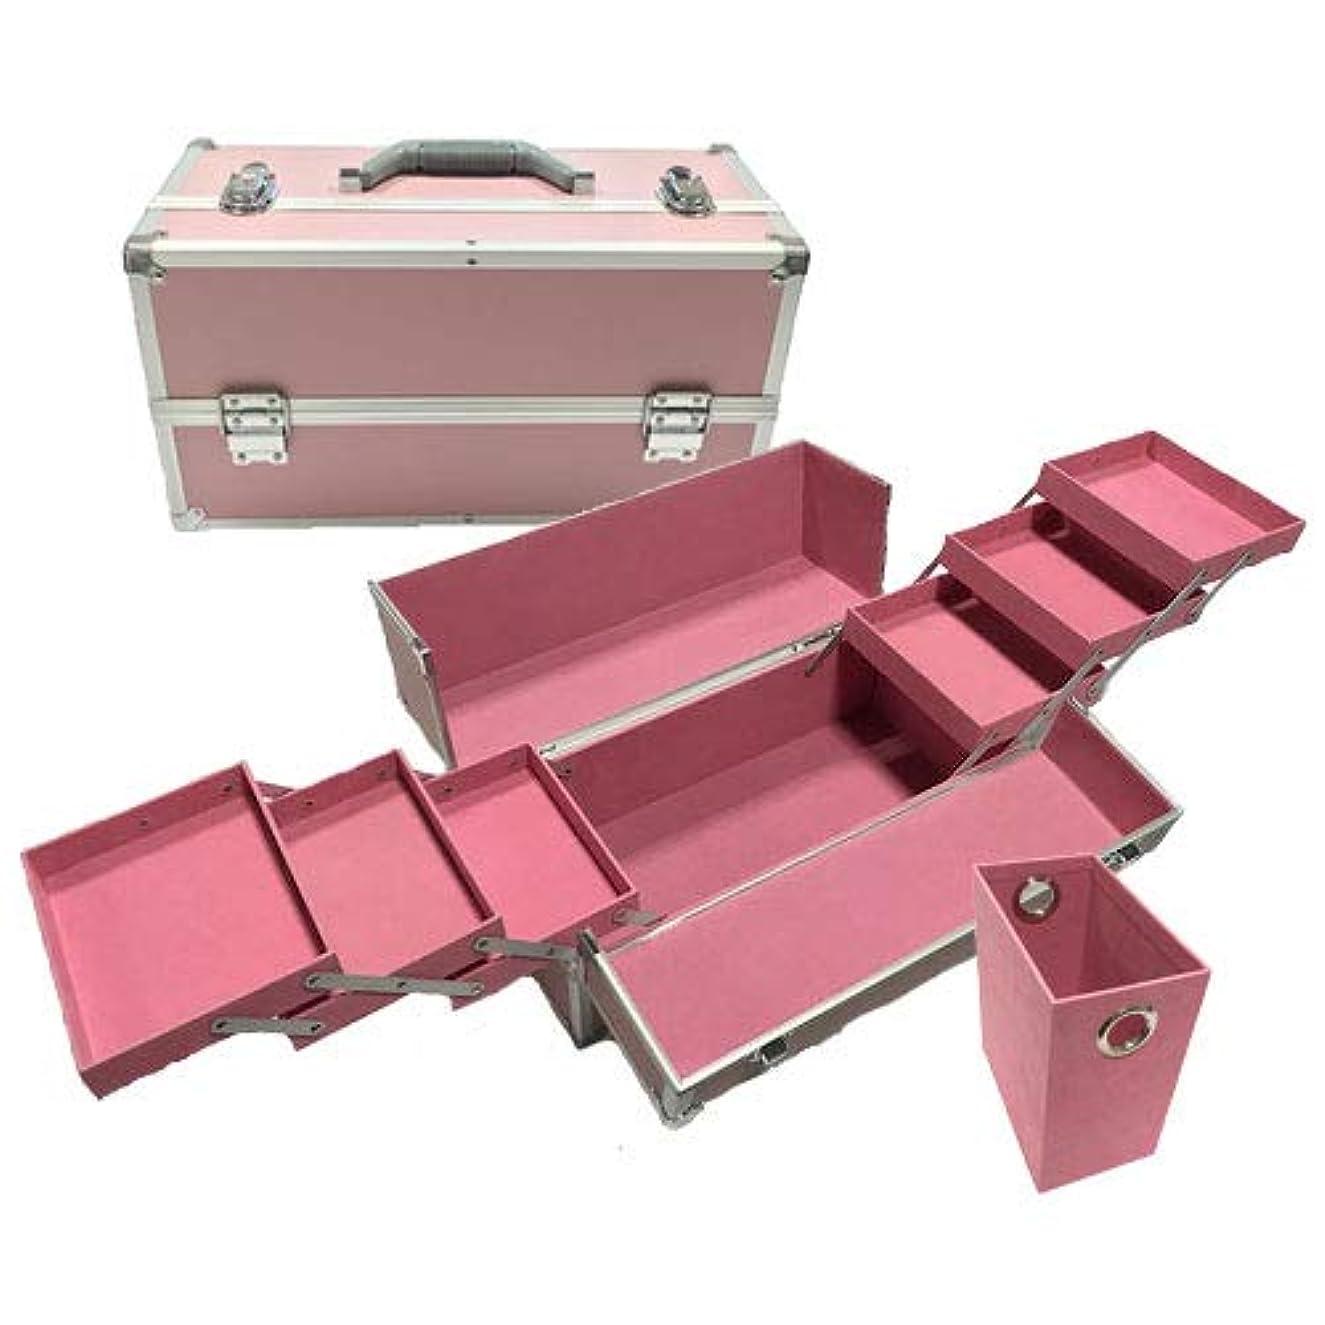 痛いまでに渡ってリライアブル コスメボックス ワイド RB203-PP 鍵付き プロ仕様 メイクボックス 大容量 化粧品収納 小物入れ 6段トレー ベロア メイクケース コスメBOX 持ち運び ネイルケース